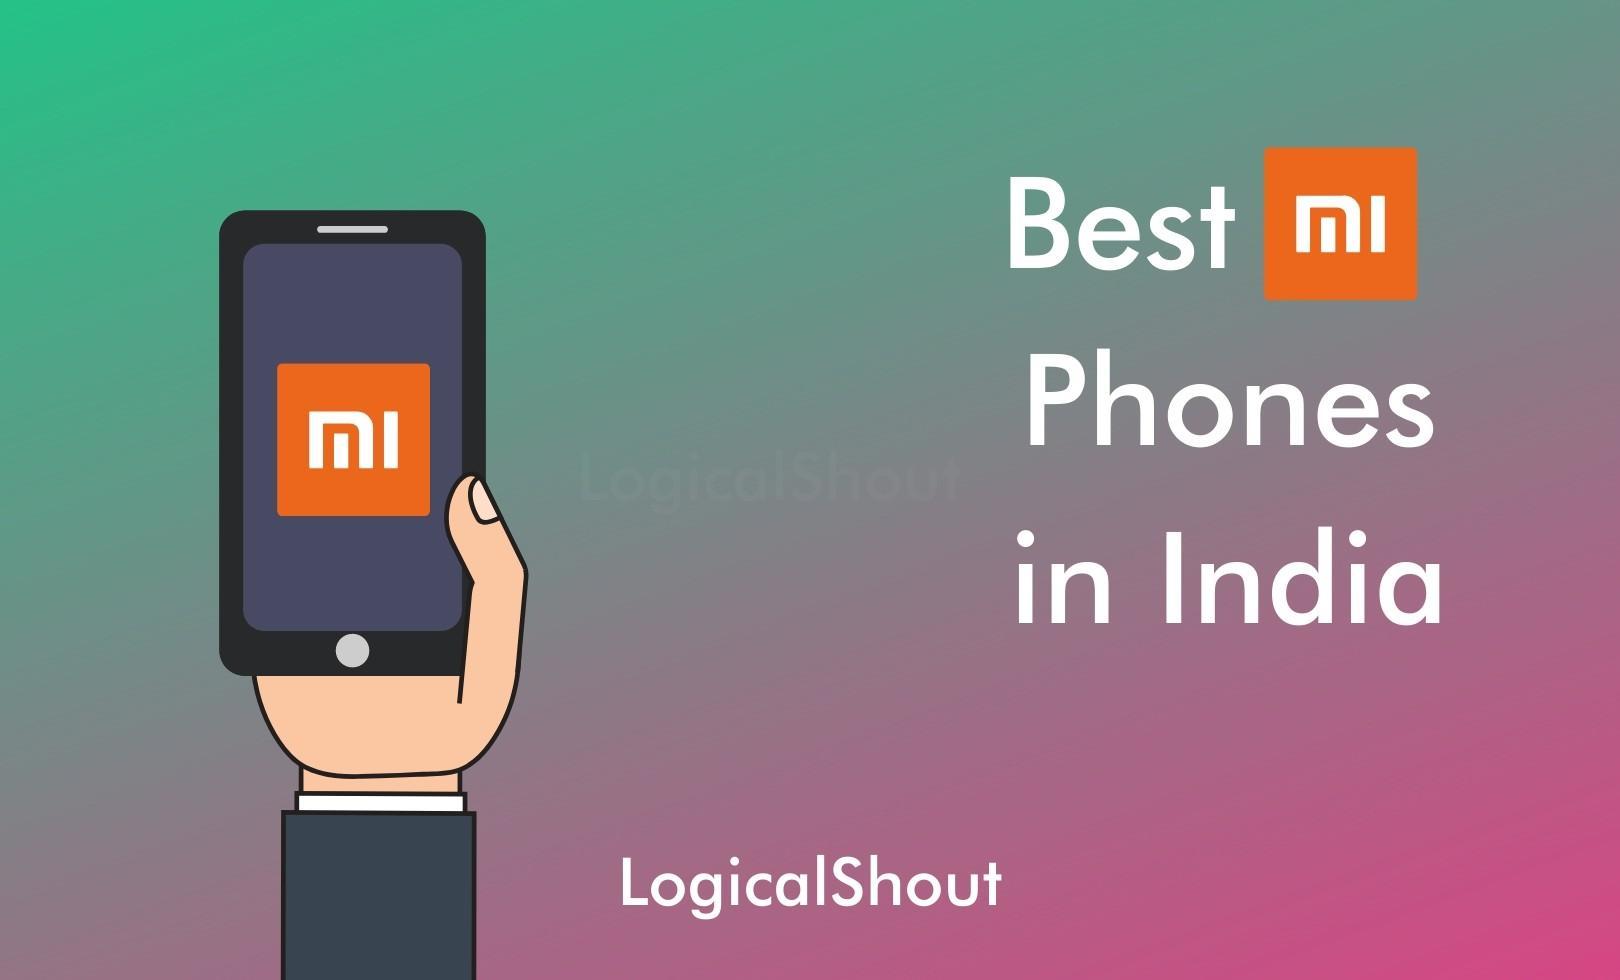 Best Mi Phones